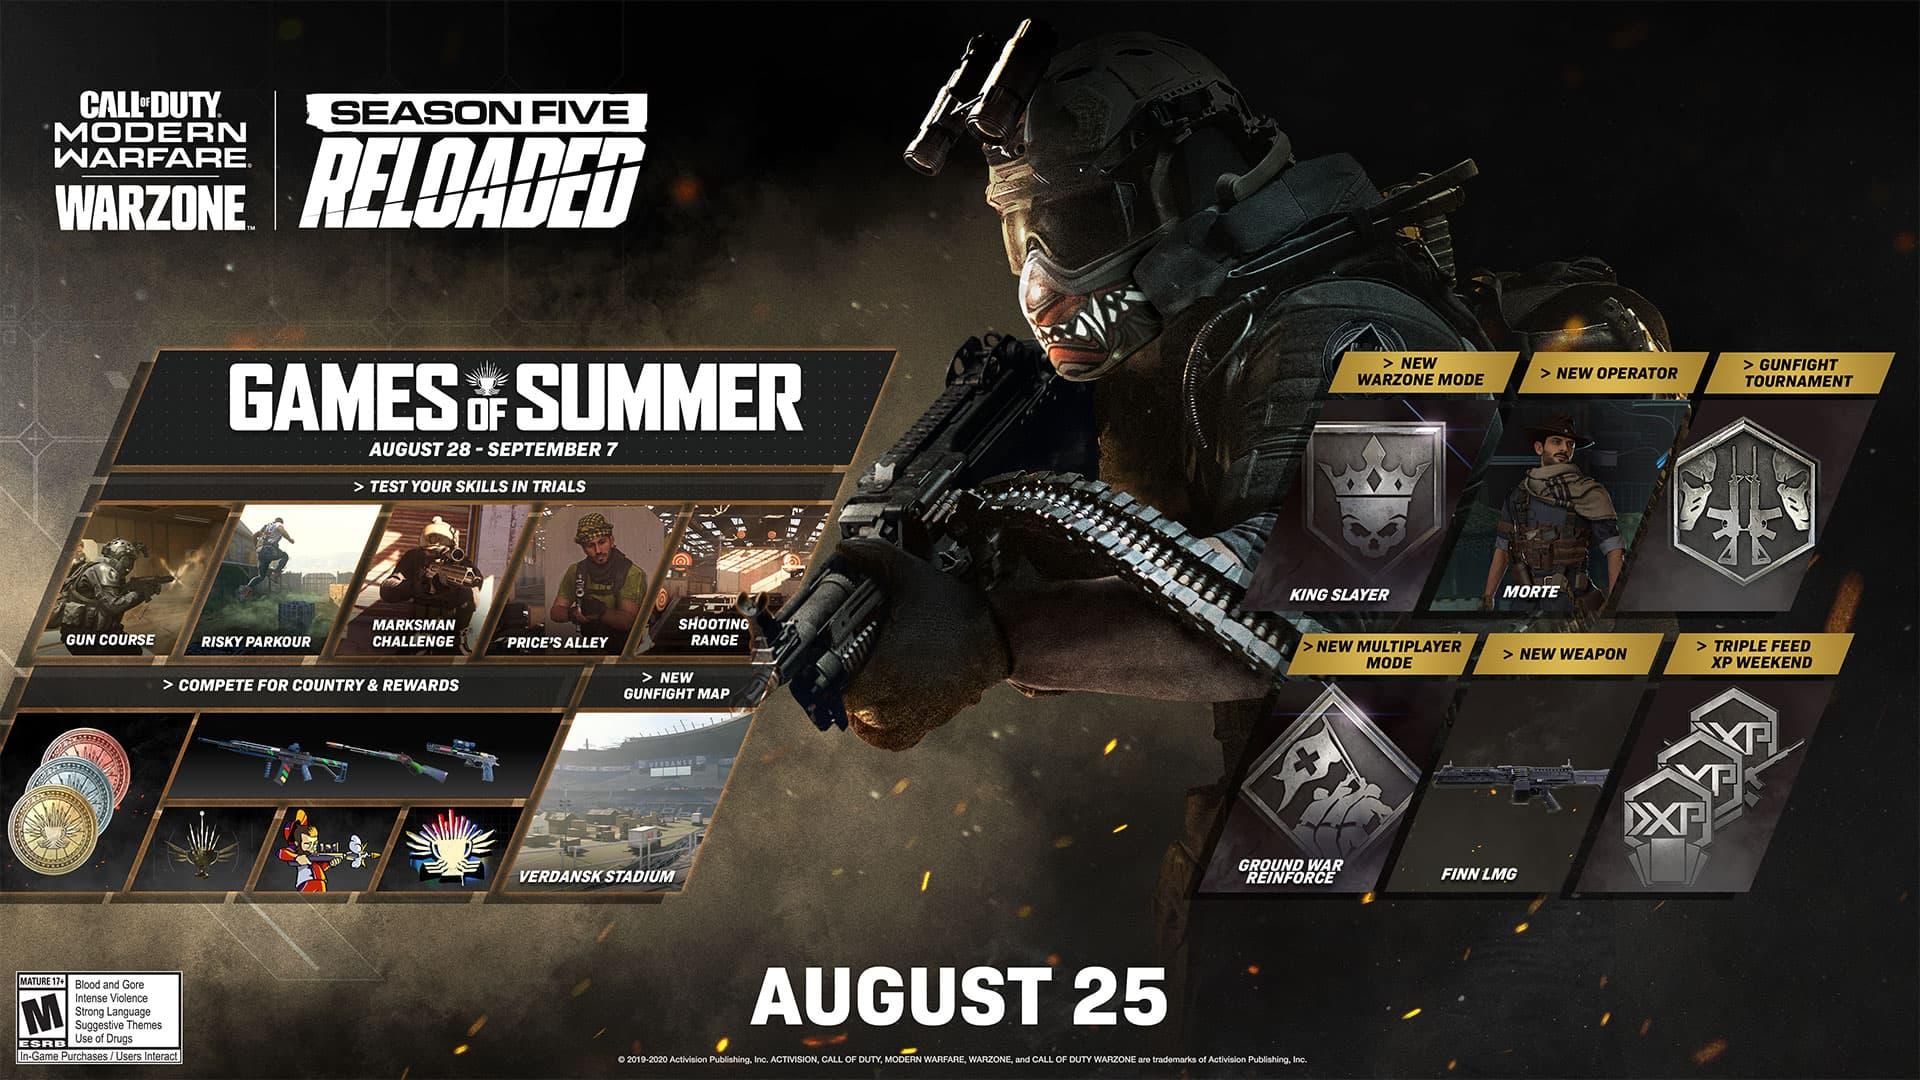 Las olimpiadas llegan a Call of Duty Modern Warfare 2